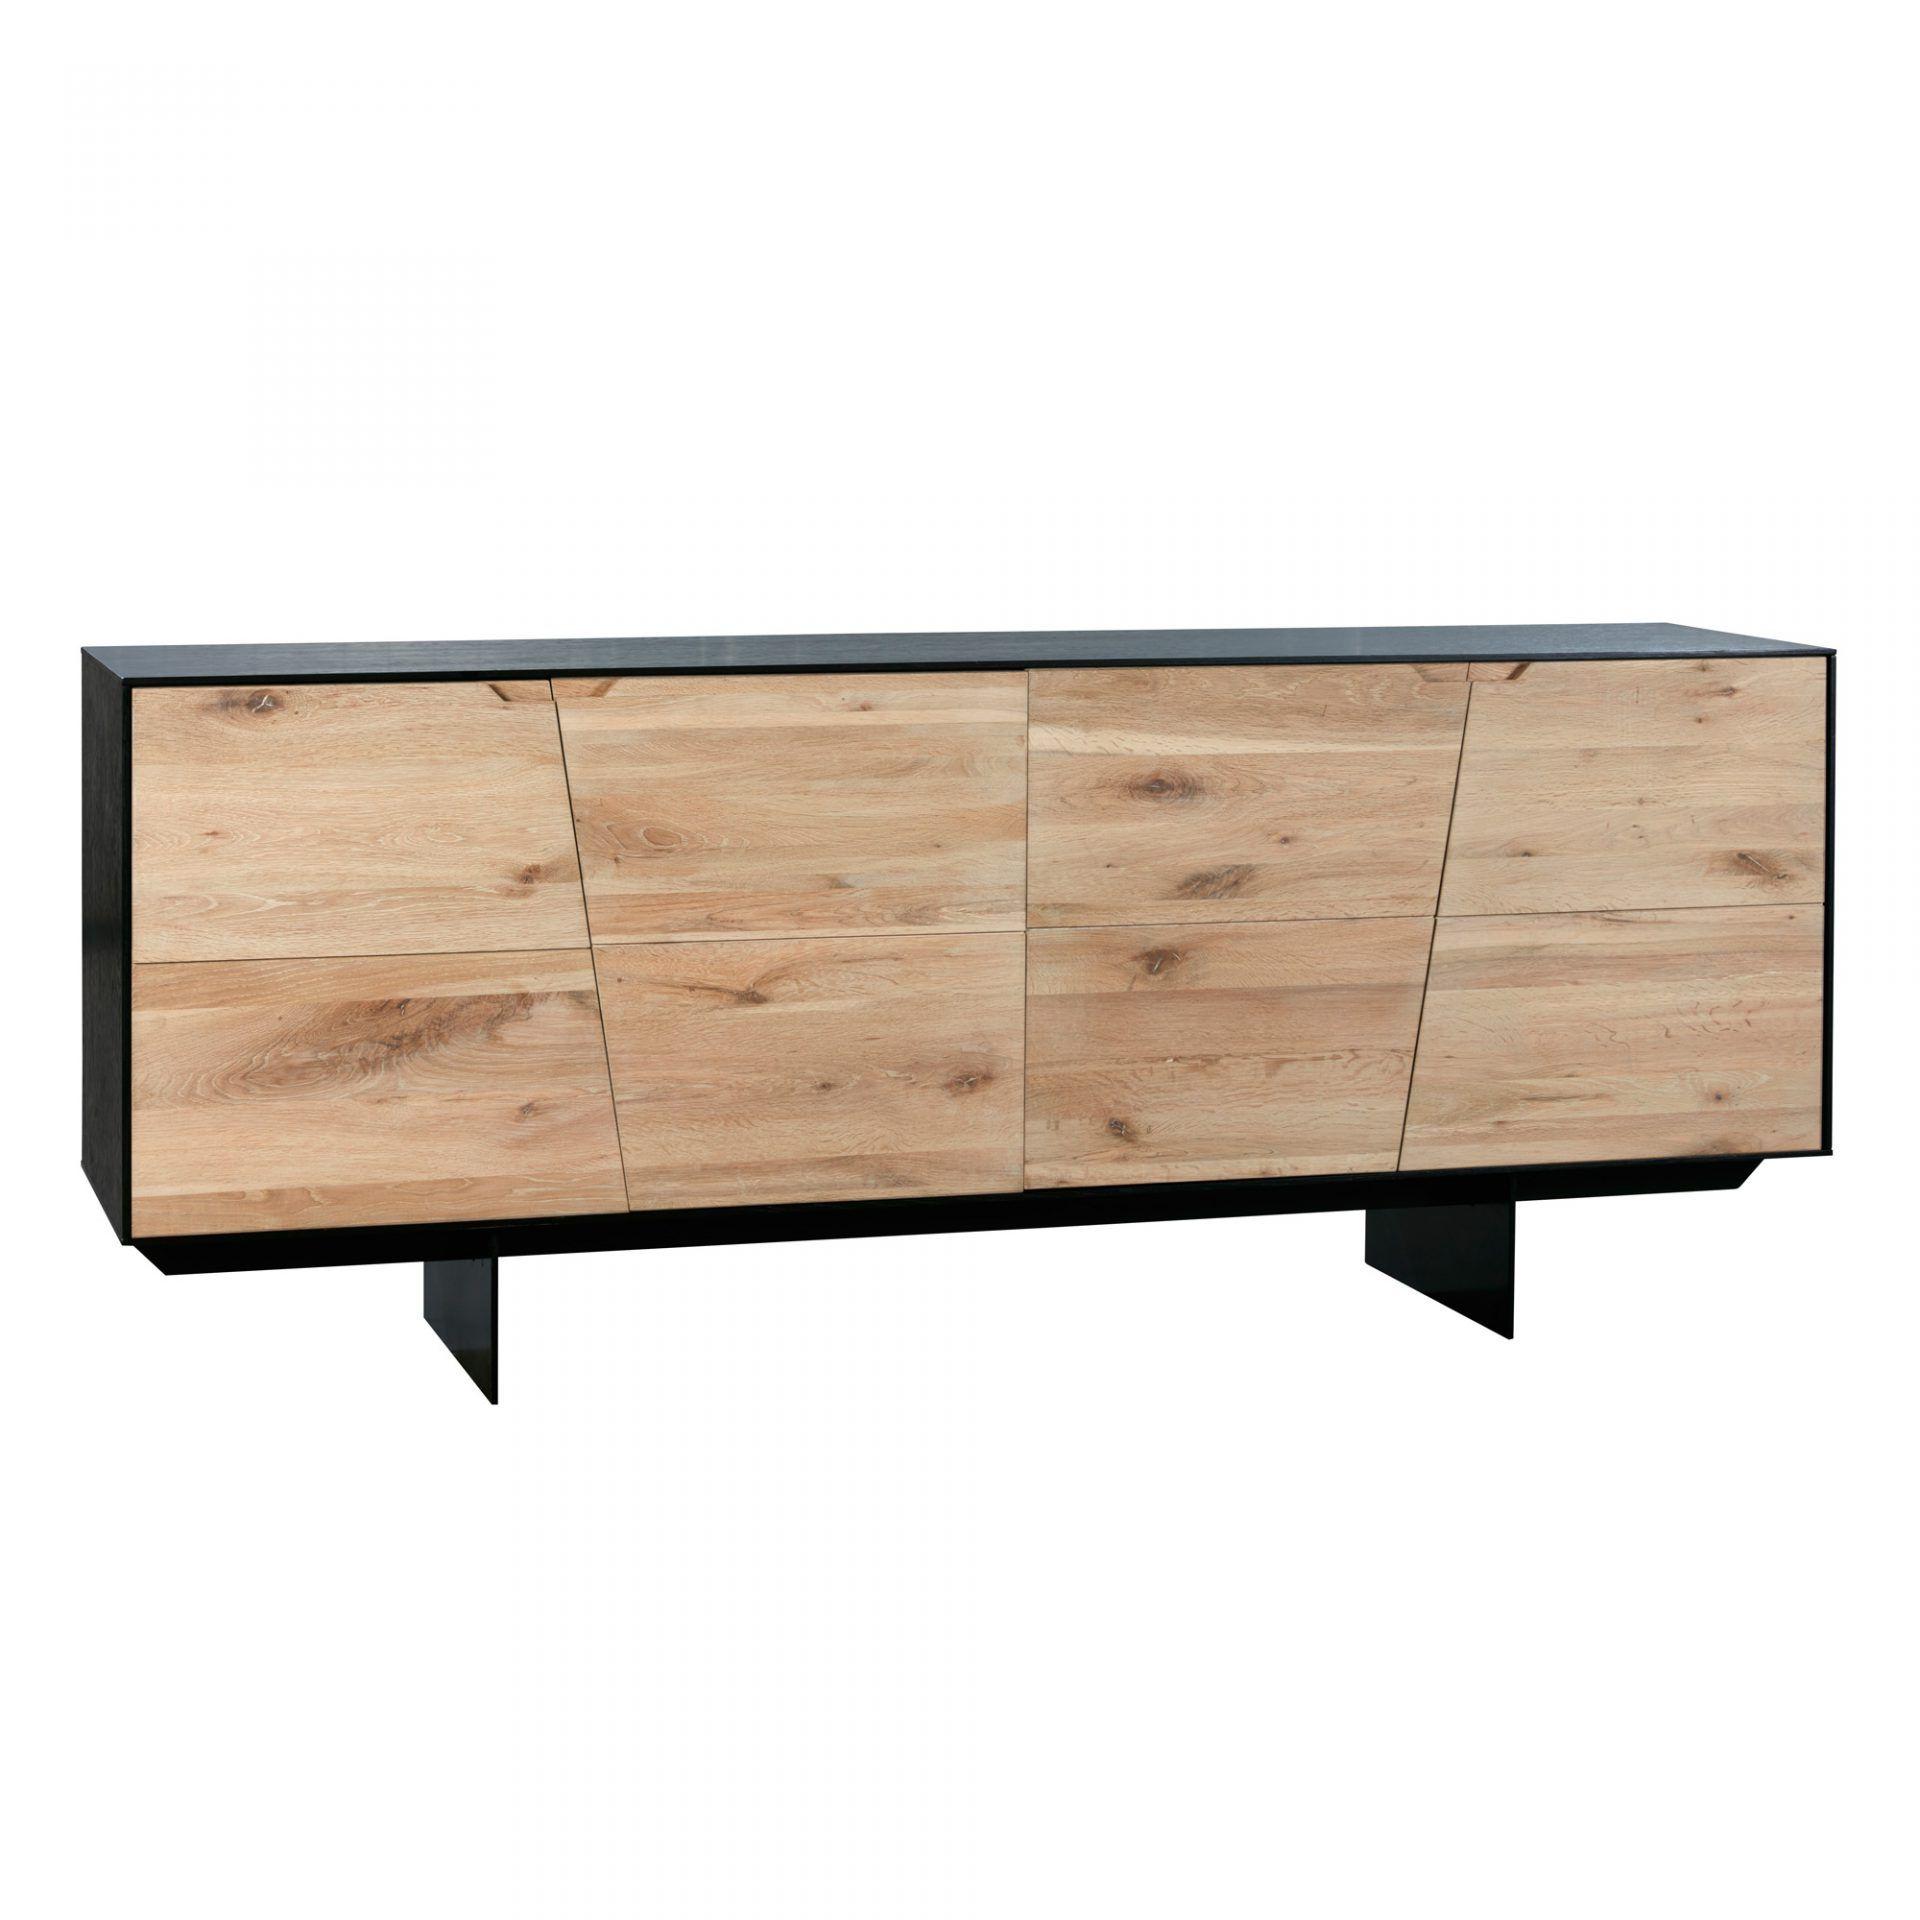 Instinct sideboard sideboards u storage moeus wholesale dts th